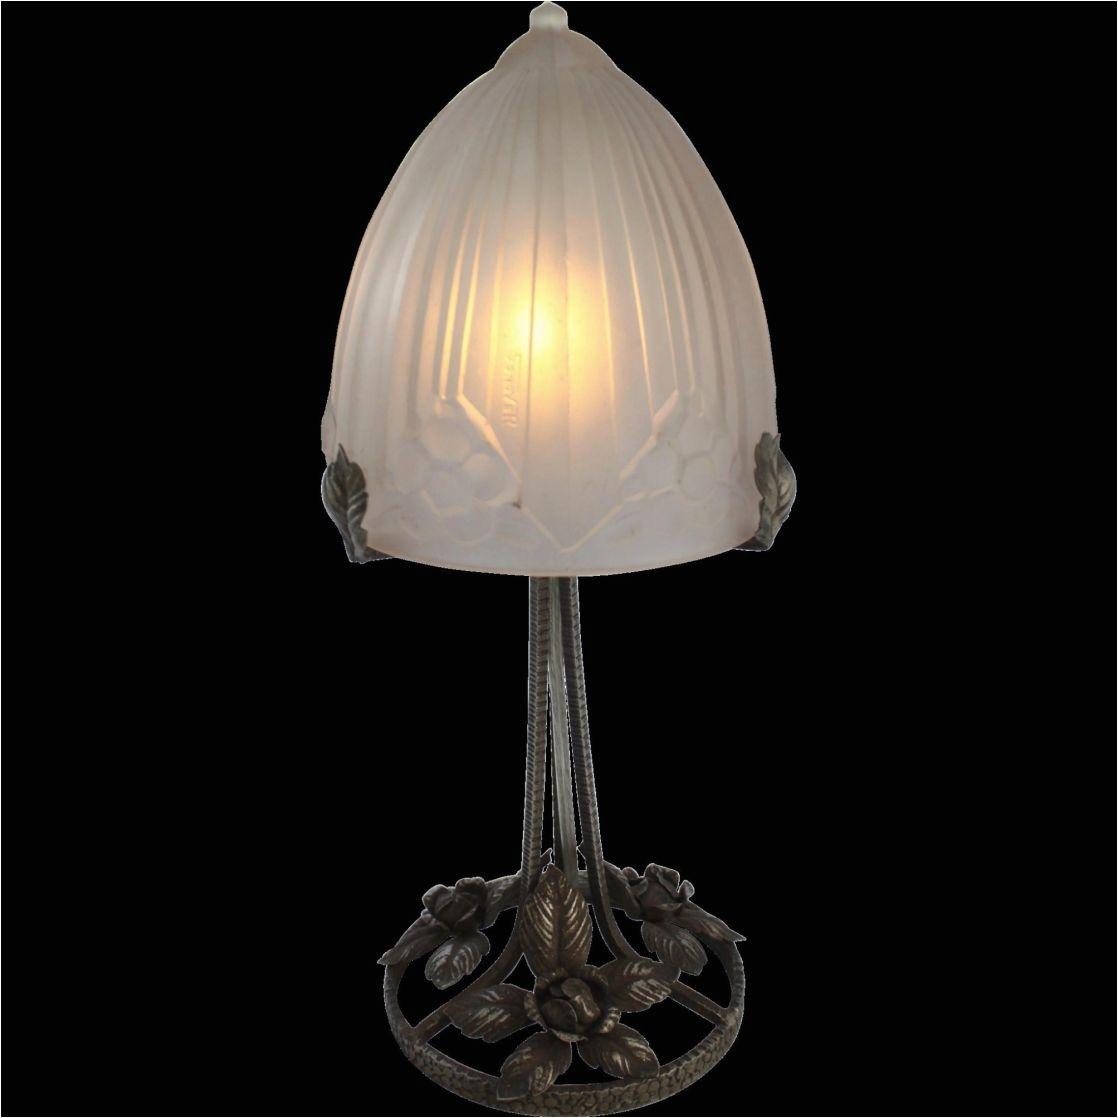 glamorous brass light fixtures like led lights for home interior new lamps lamp art lamp art 0d lampss